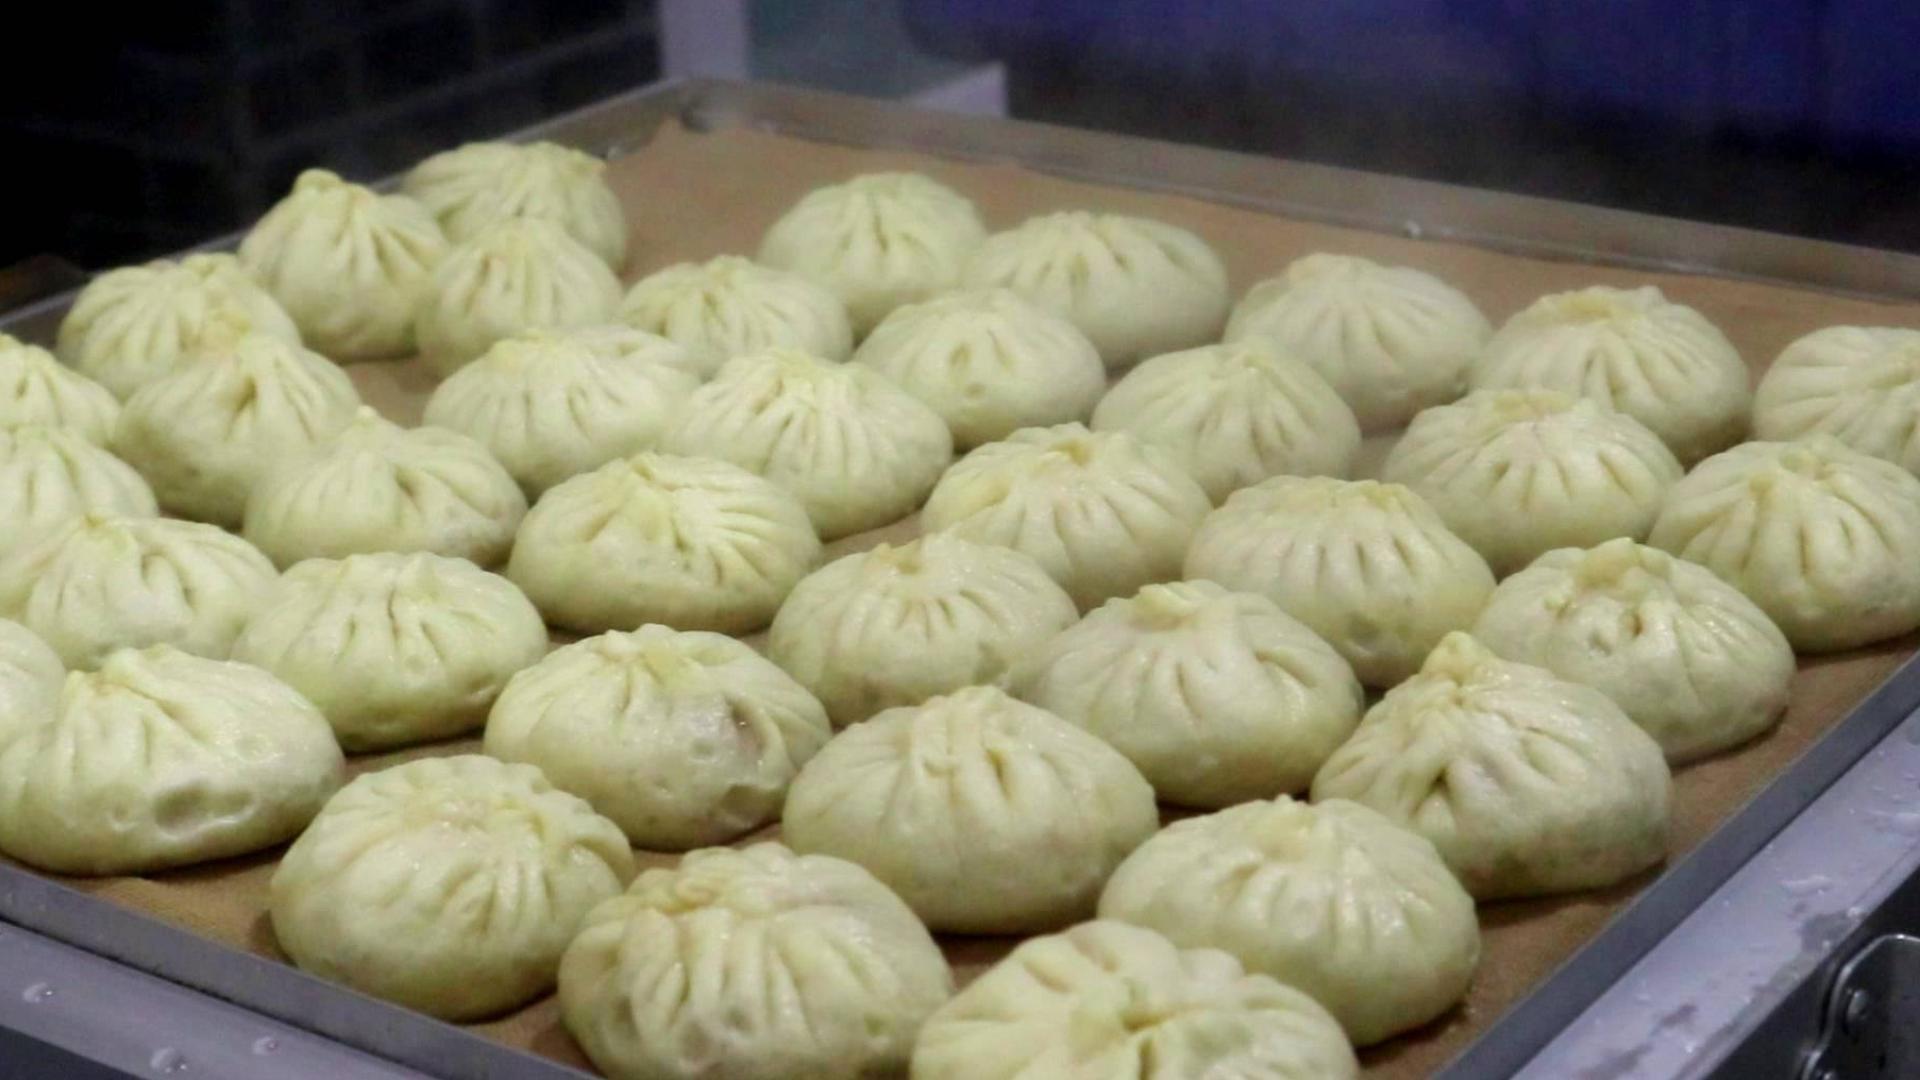 天津本地人爱吃的包子铺,只卖两种馅!10几元吃撑,好吃又实惠